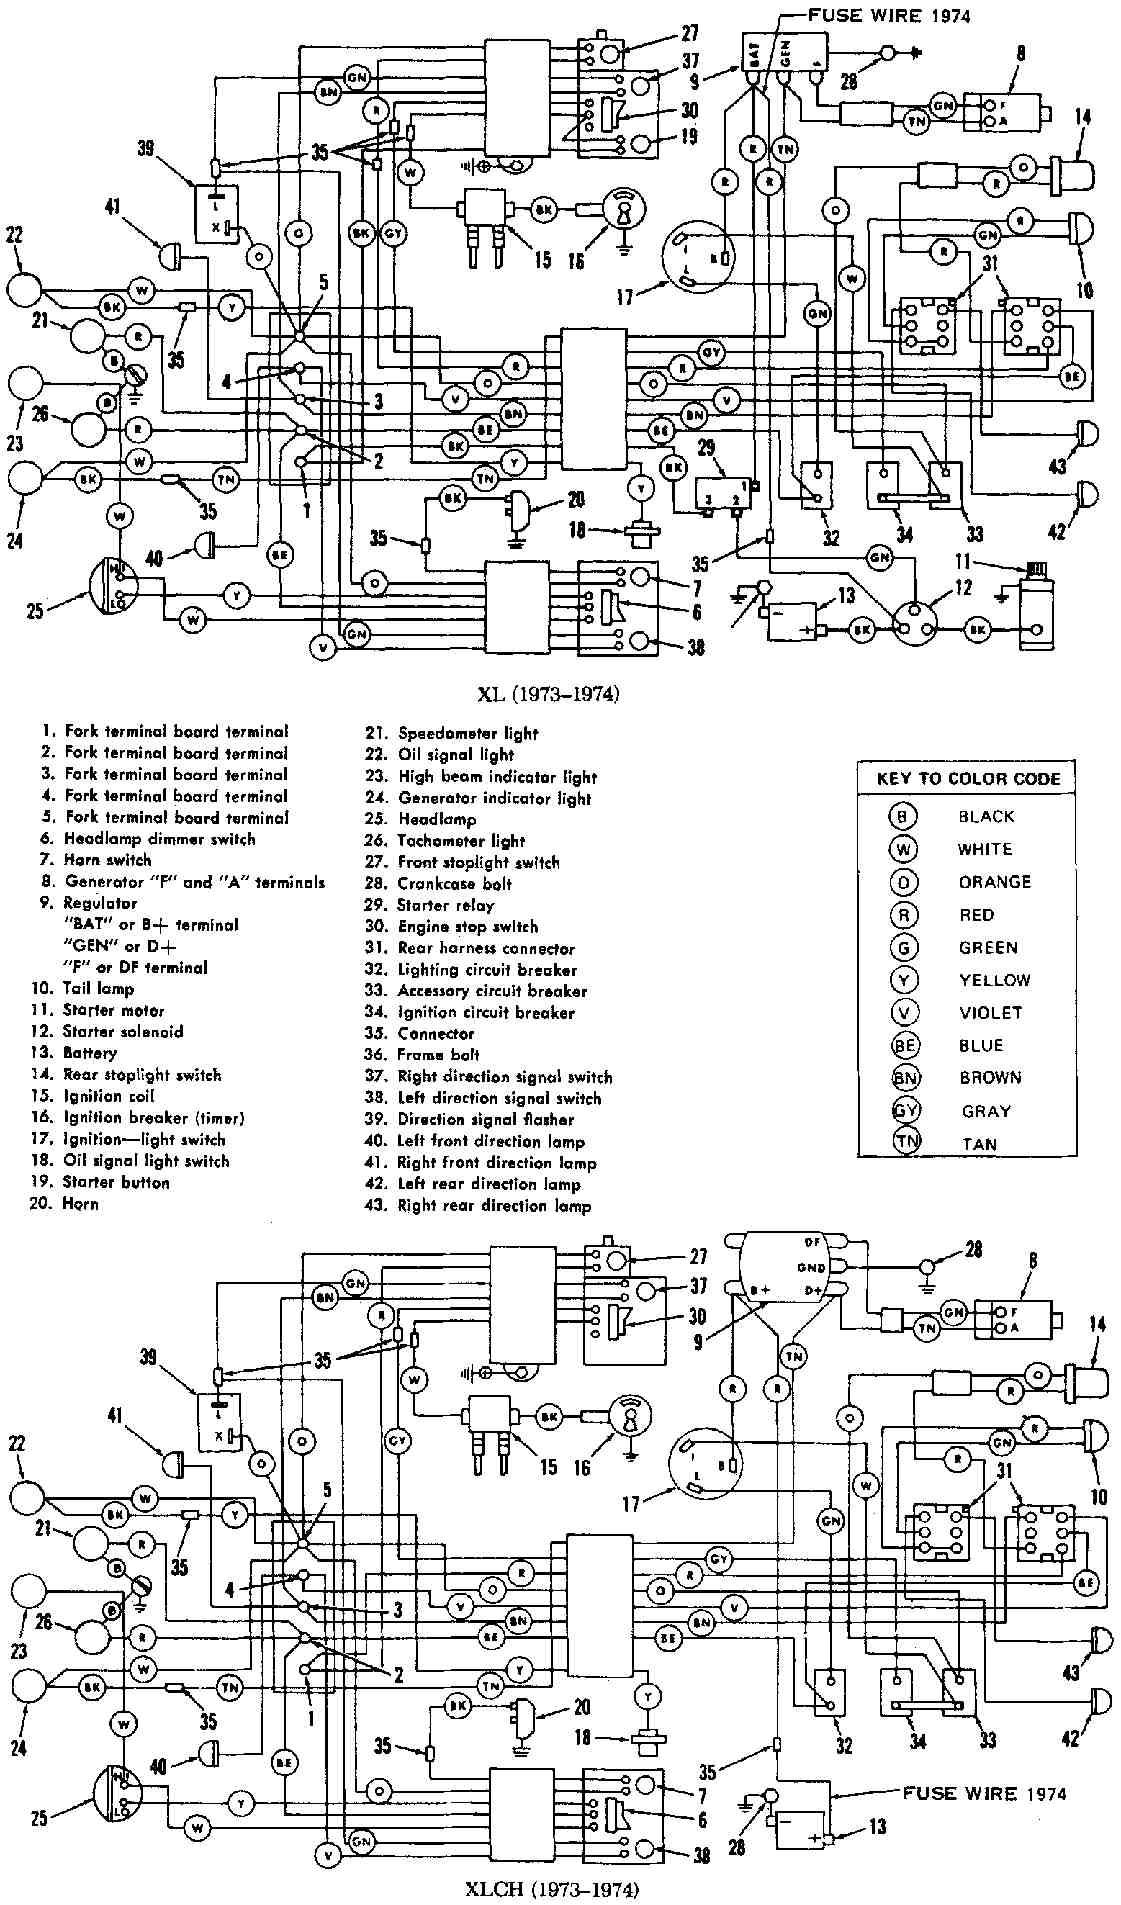 Schema Electrique Harley Davidson